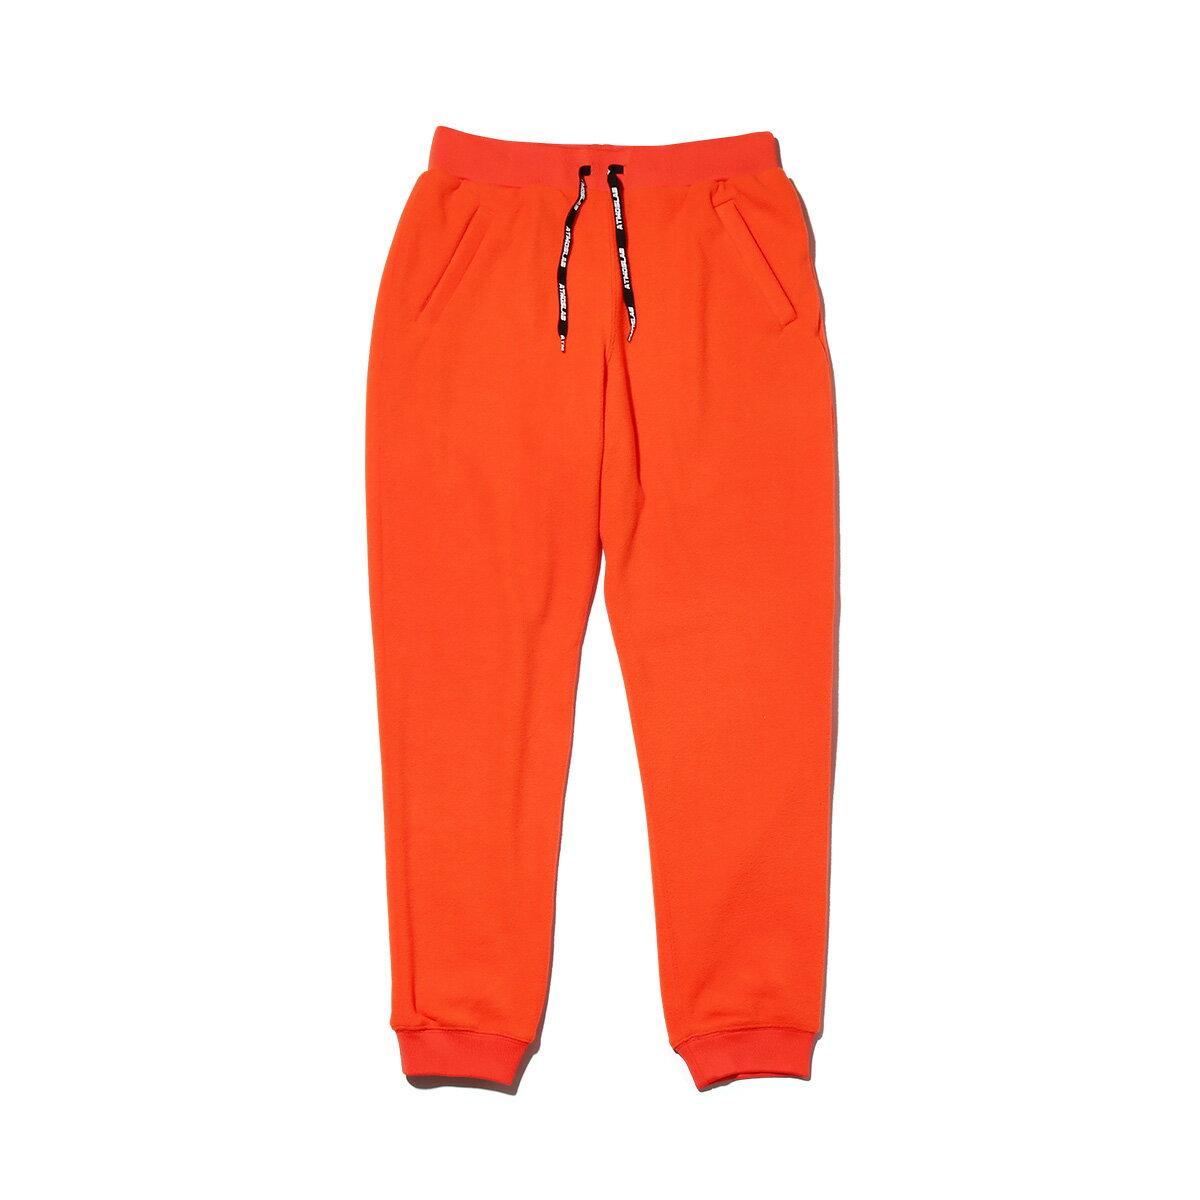 メンズファッション, ズボン・パンツ ATMOS LAB FLEECE PANTS( )ORANGE 18FW-S